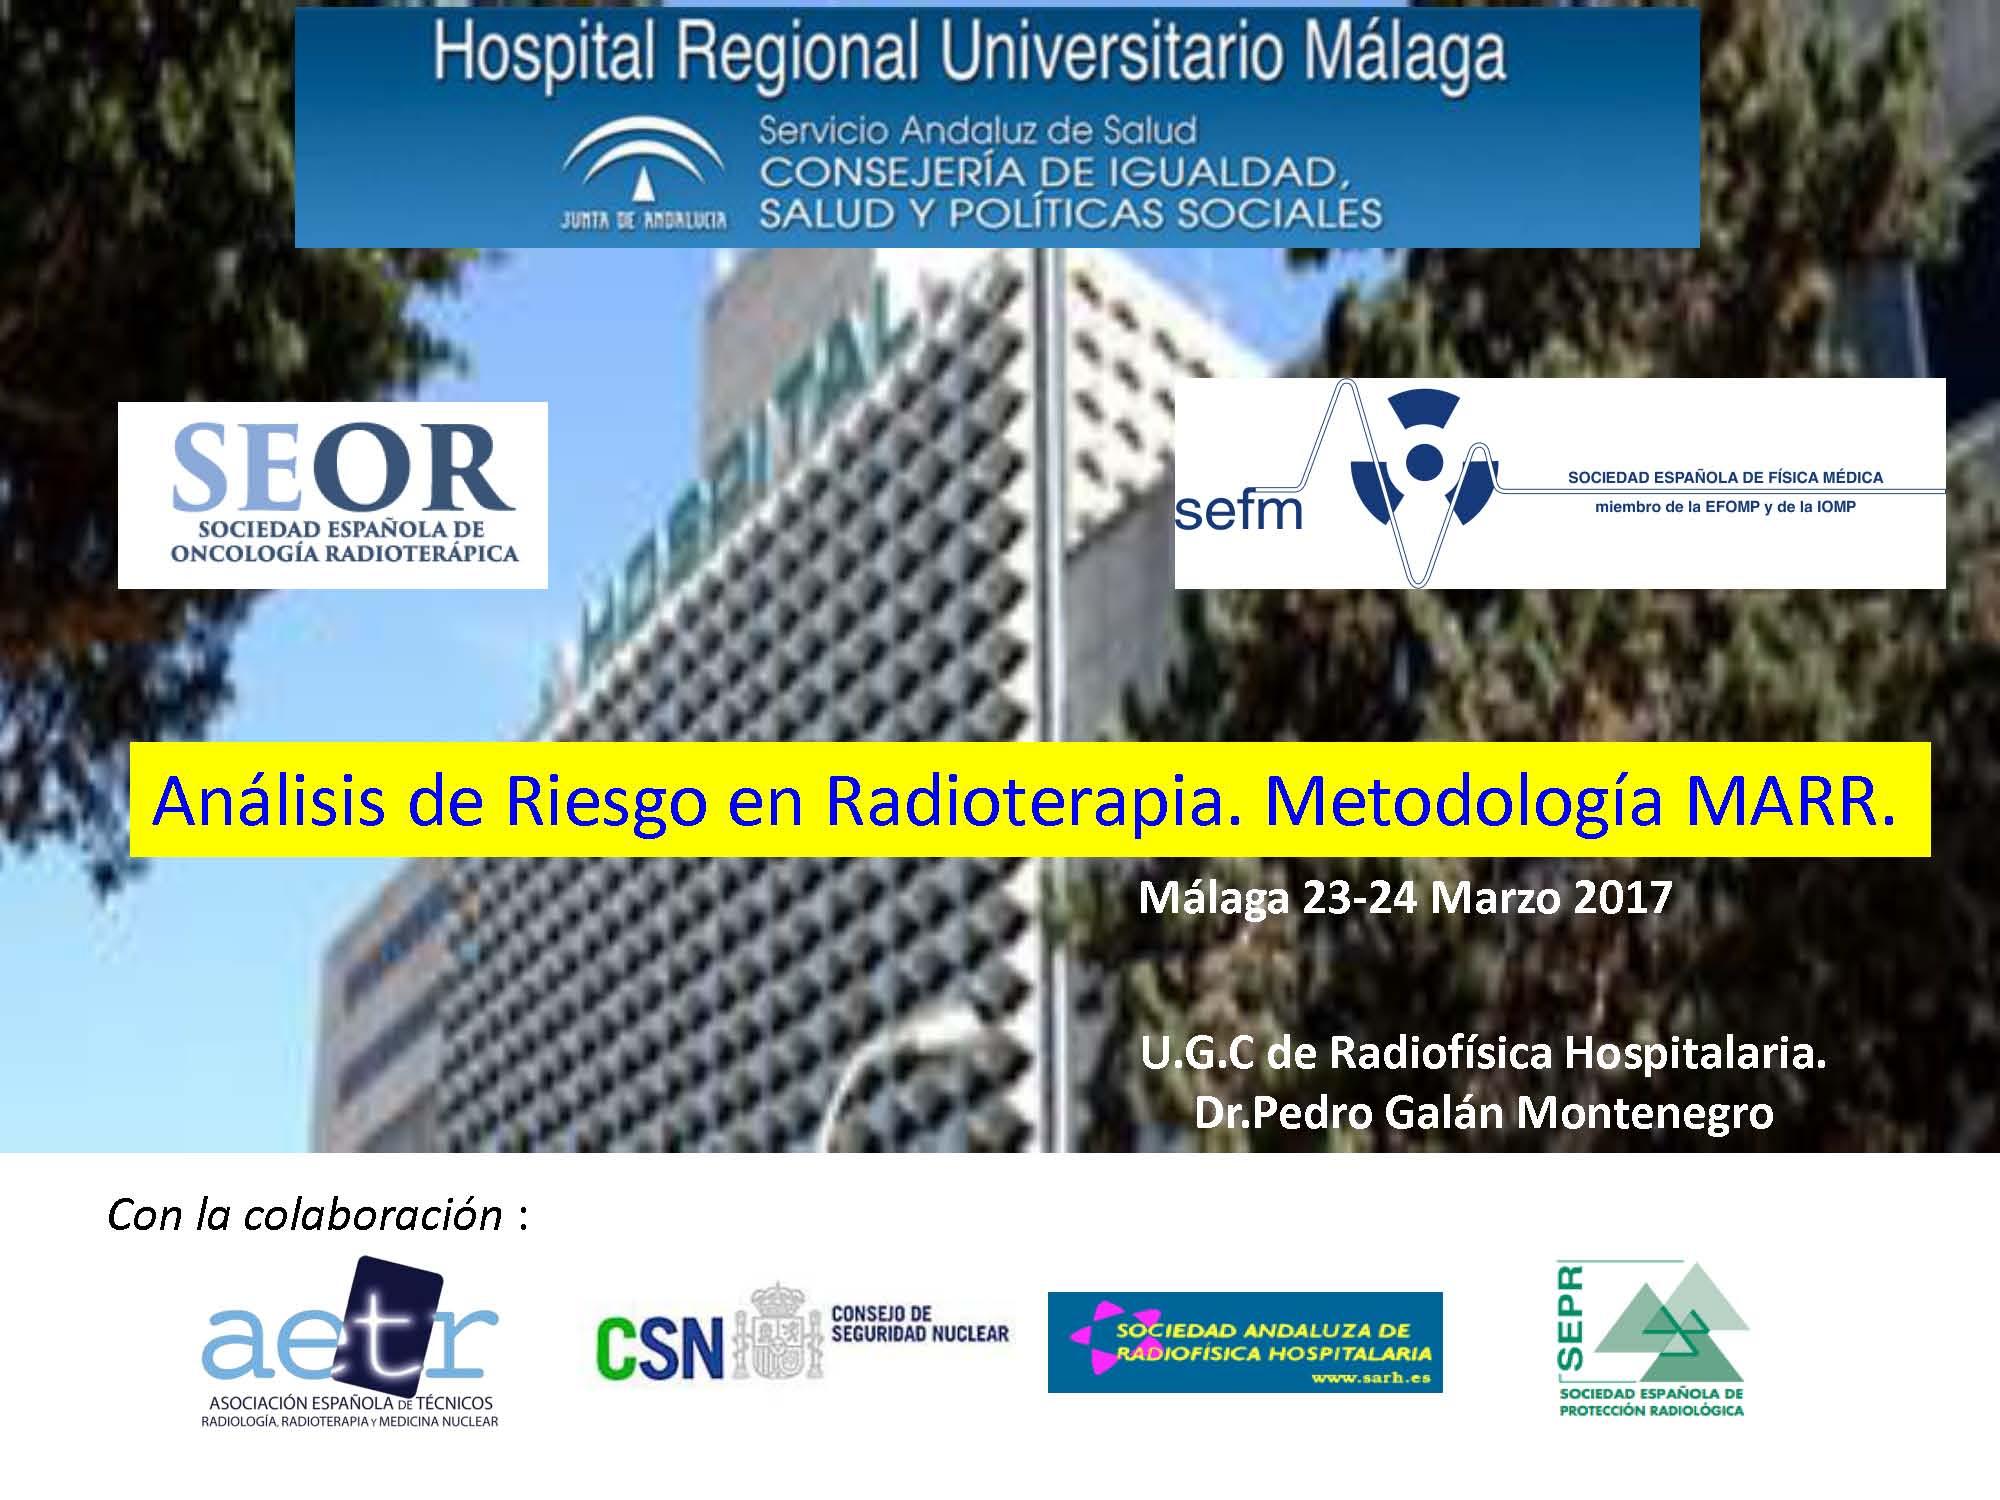 Análisis de Riesgo en Radioterapia. Metodología MARR.